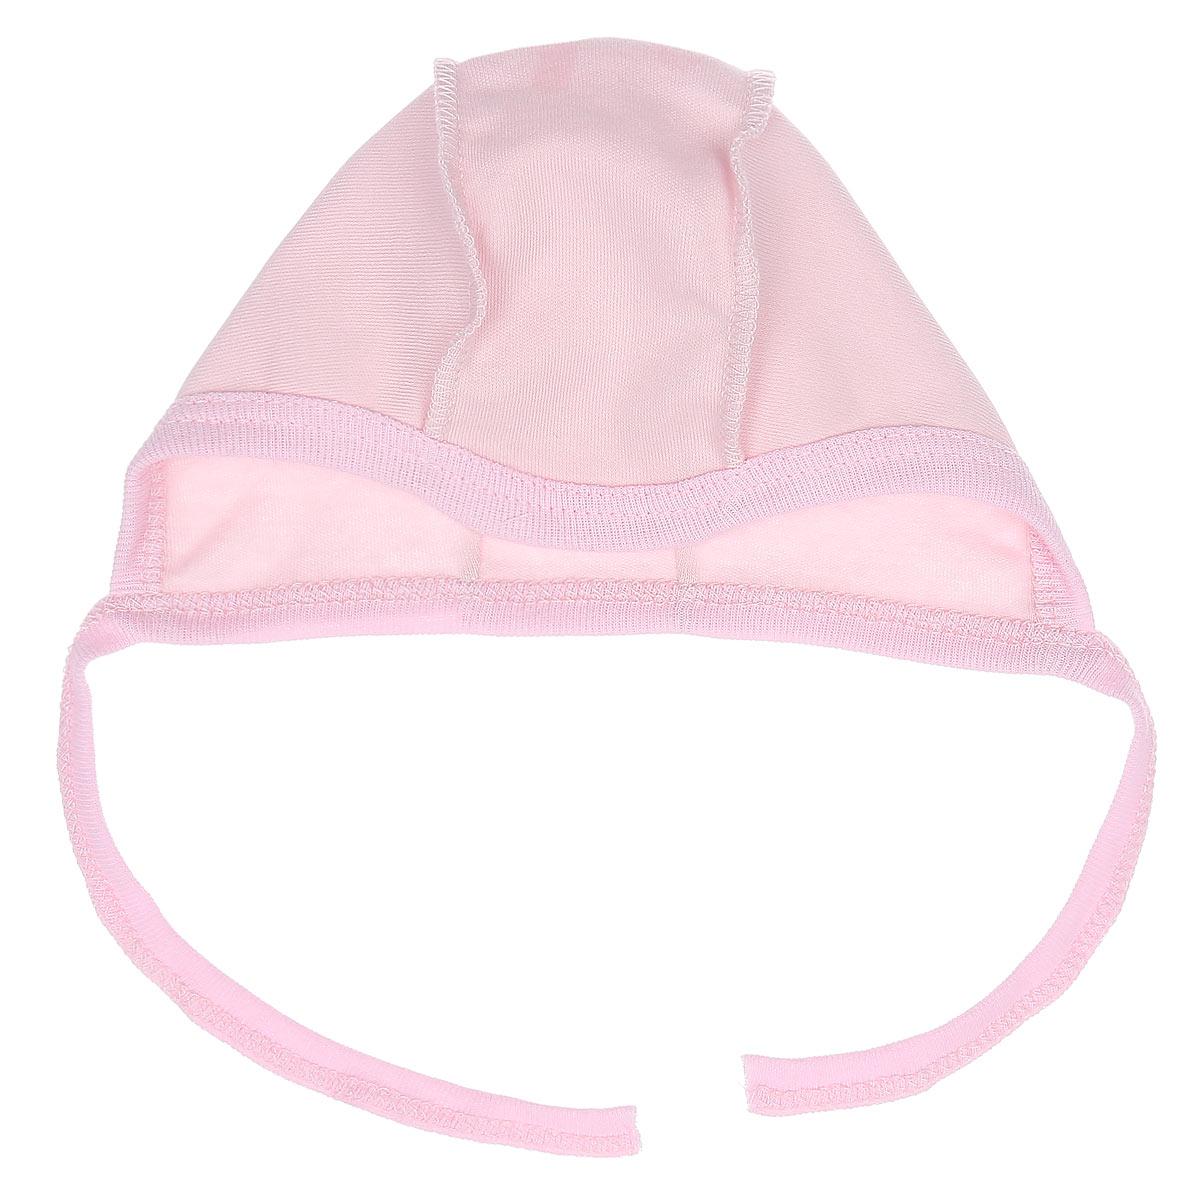 Чепчик3857Мягкий чепчик для девочки КотМарКот, изготовленный из интерлока - натурального хлопка, не раздражает нежную кожу ребенка и хорошо вентилируется, защищая еще не заросший родничок младенца. Чепчик выполнен швами наружу, что обеспечивает максимальный комфорт ребенку, а завязки позволяют регулировать обхват головы и шеи.